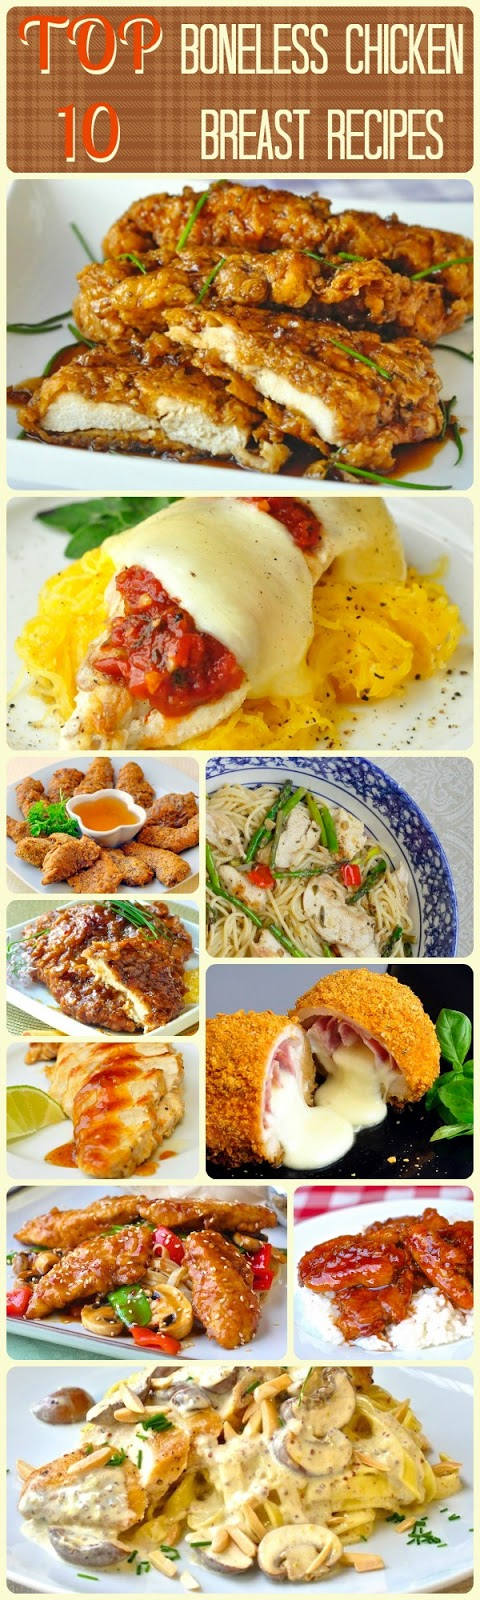 Top Ten Boneless Chicken Breast Recipes